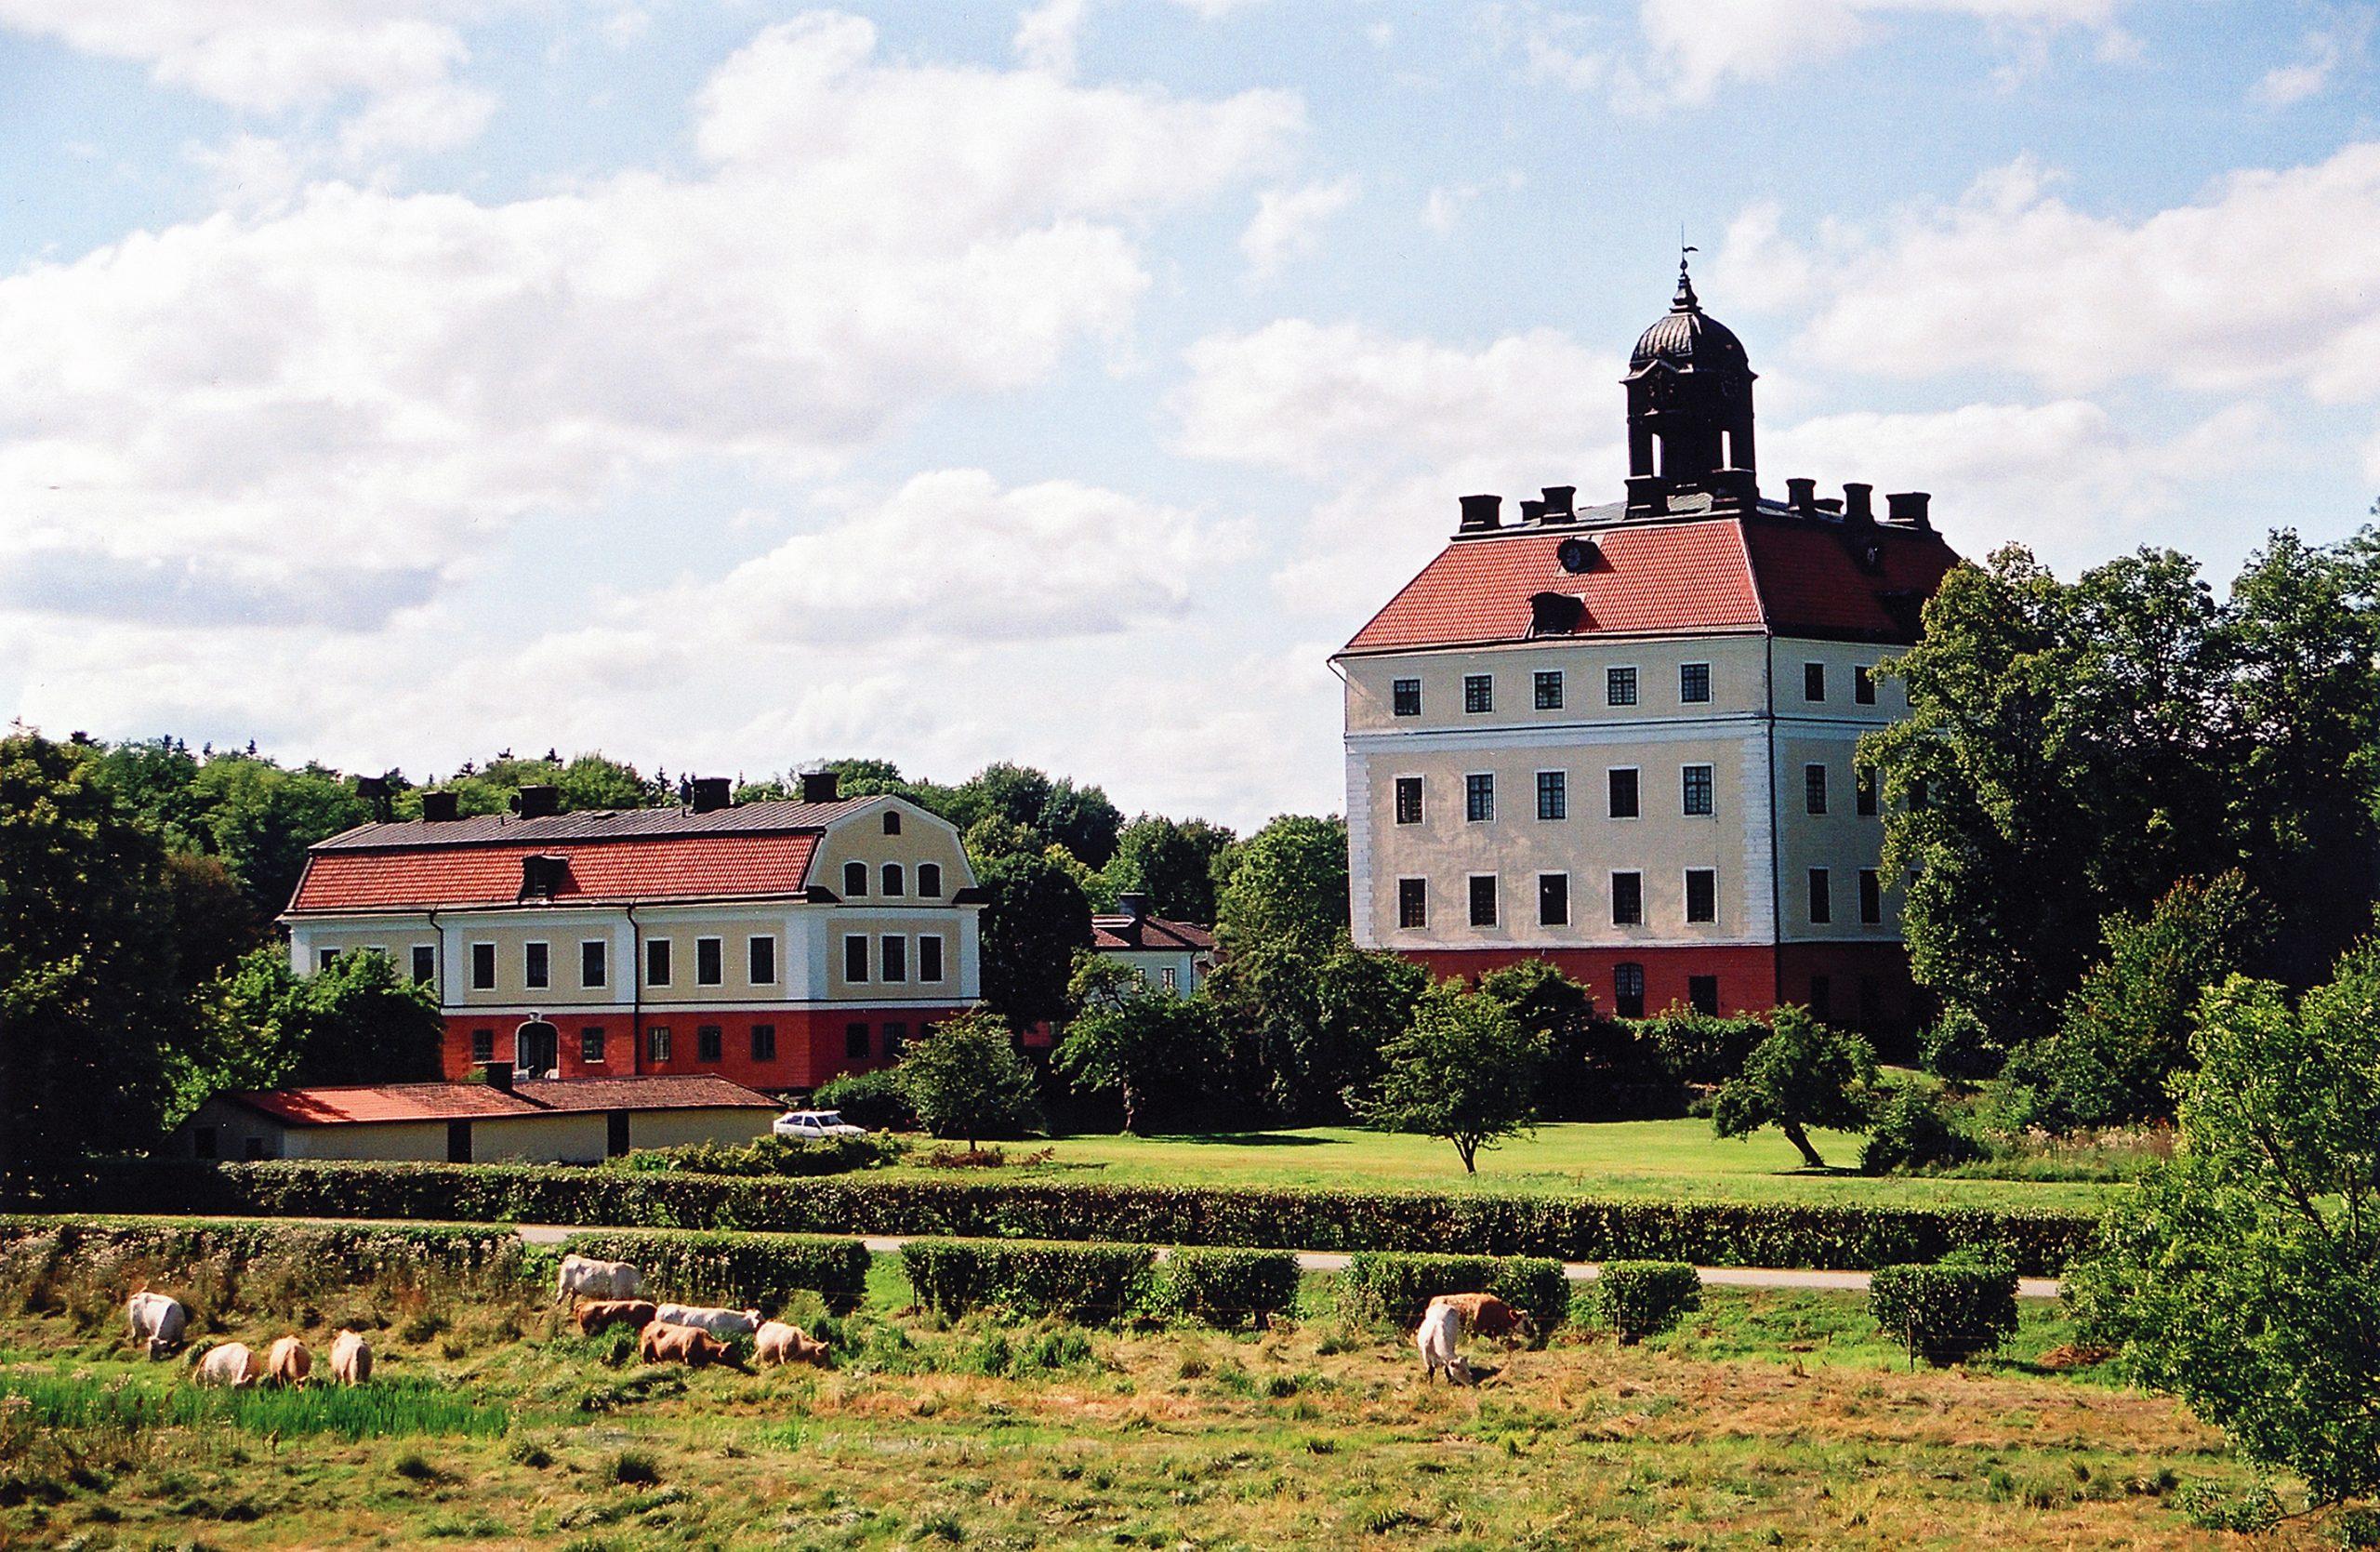 Engsö slott på vackra Ängsö utanför Västerås. Fotograf: Jan Gustafsson